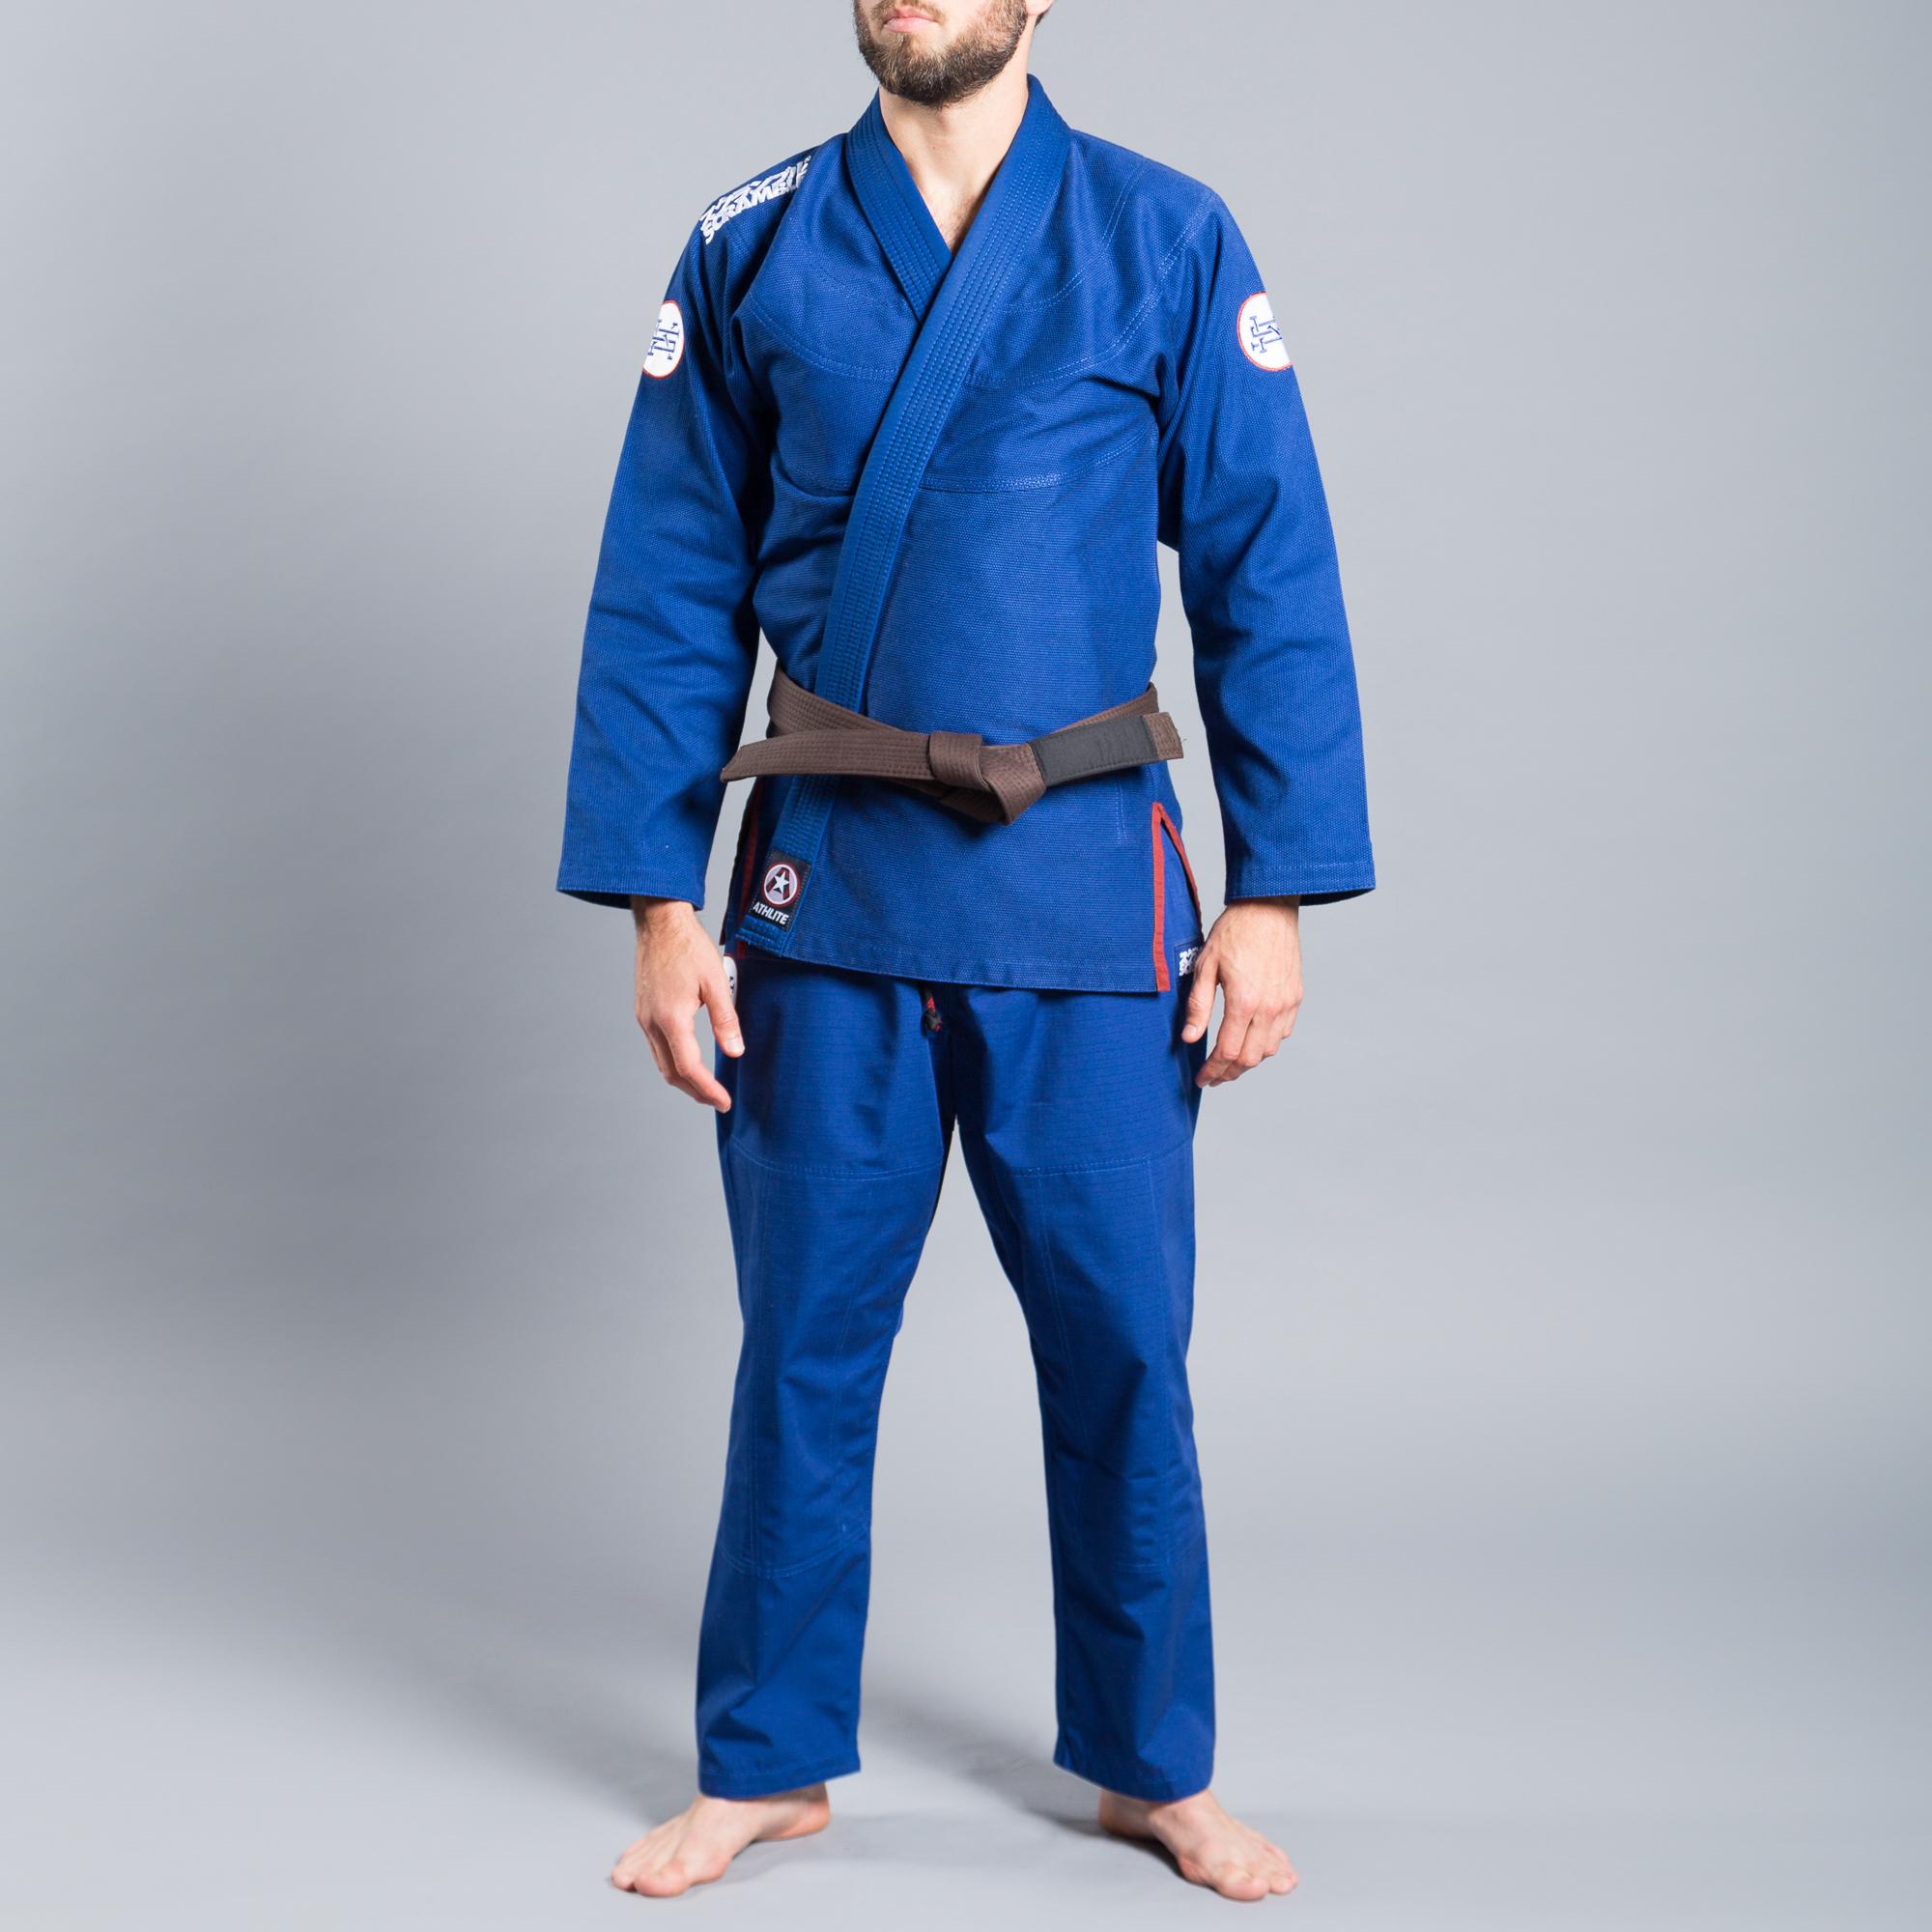 ウルトラライトモデル SCRAMBLE ATHLITE KIMONO ブルー|ブラジリアン柔術衣(柔術着)